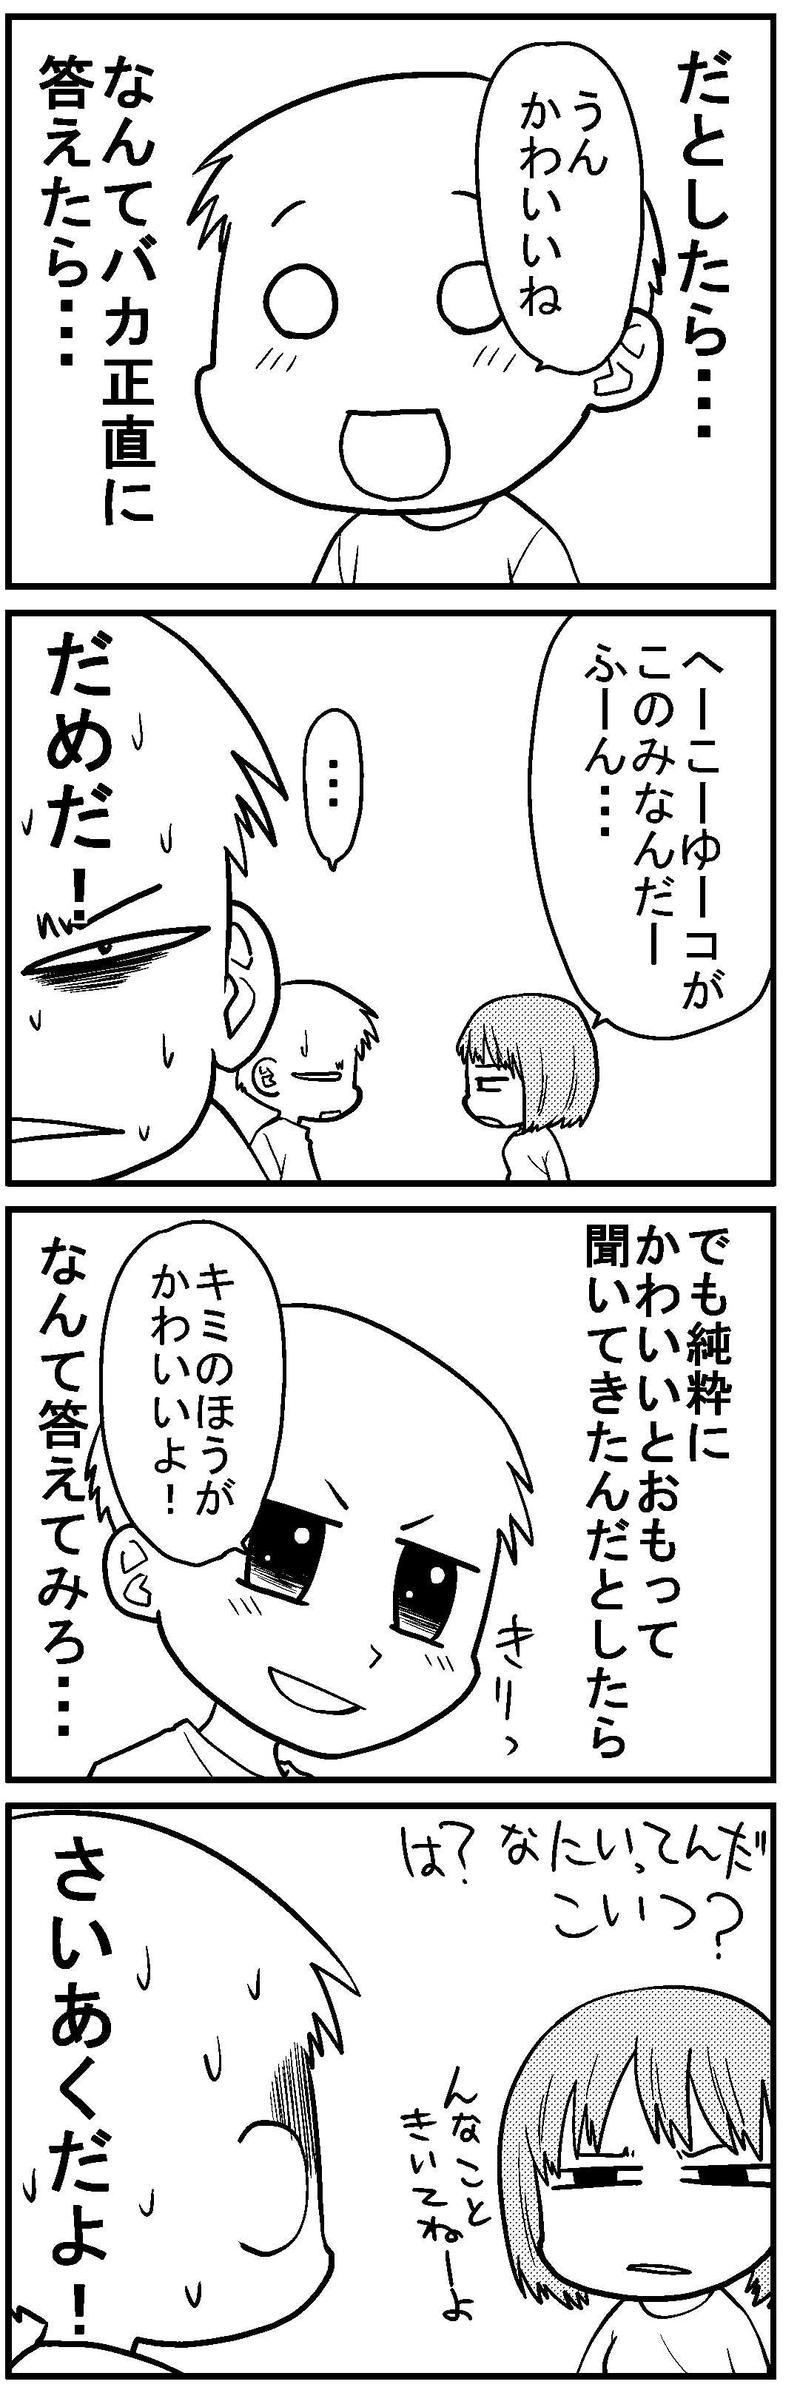 深読みくん 第3話 こんな時どうする?!